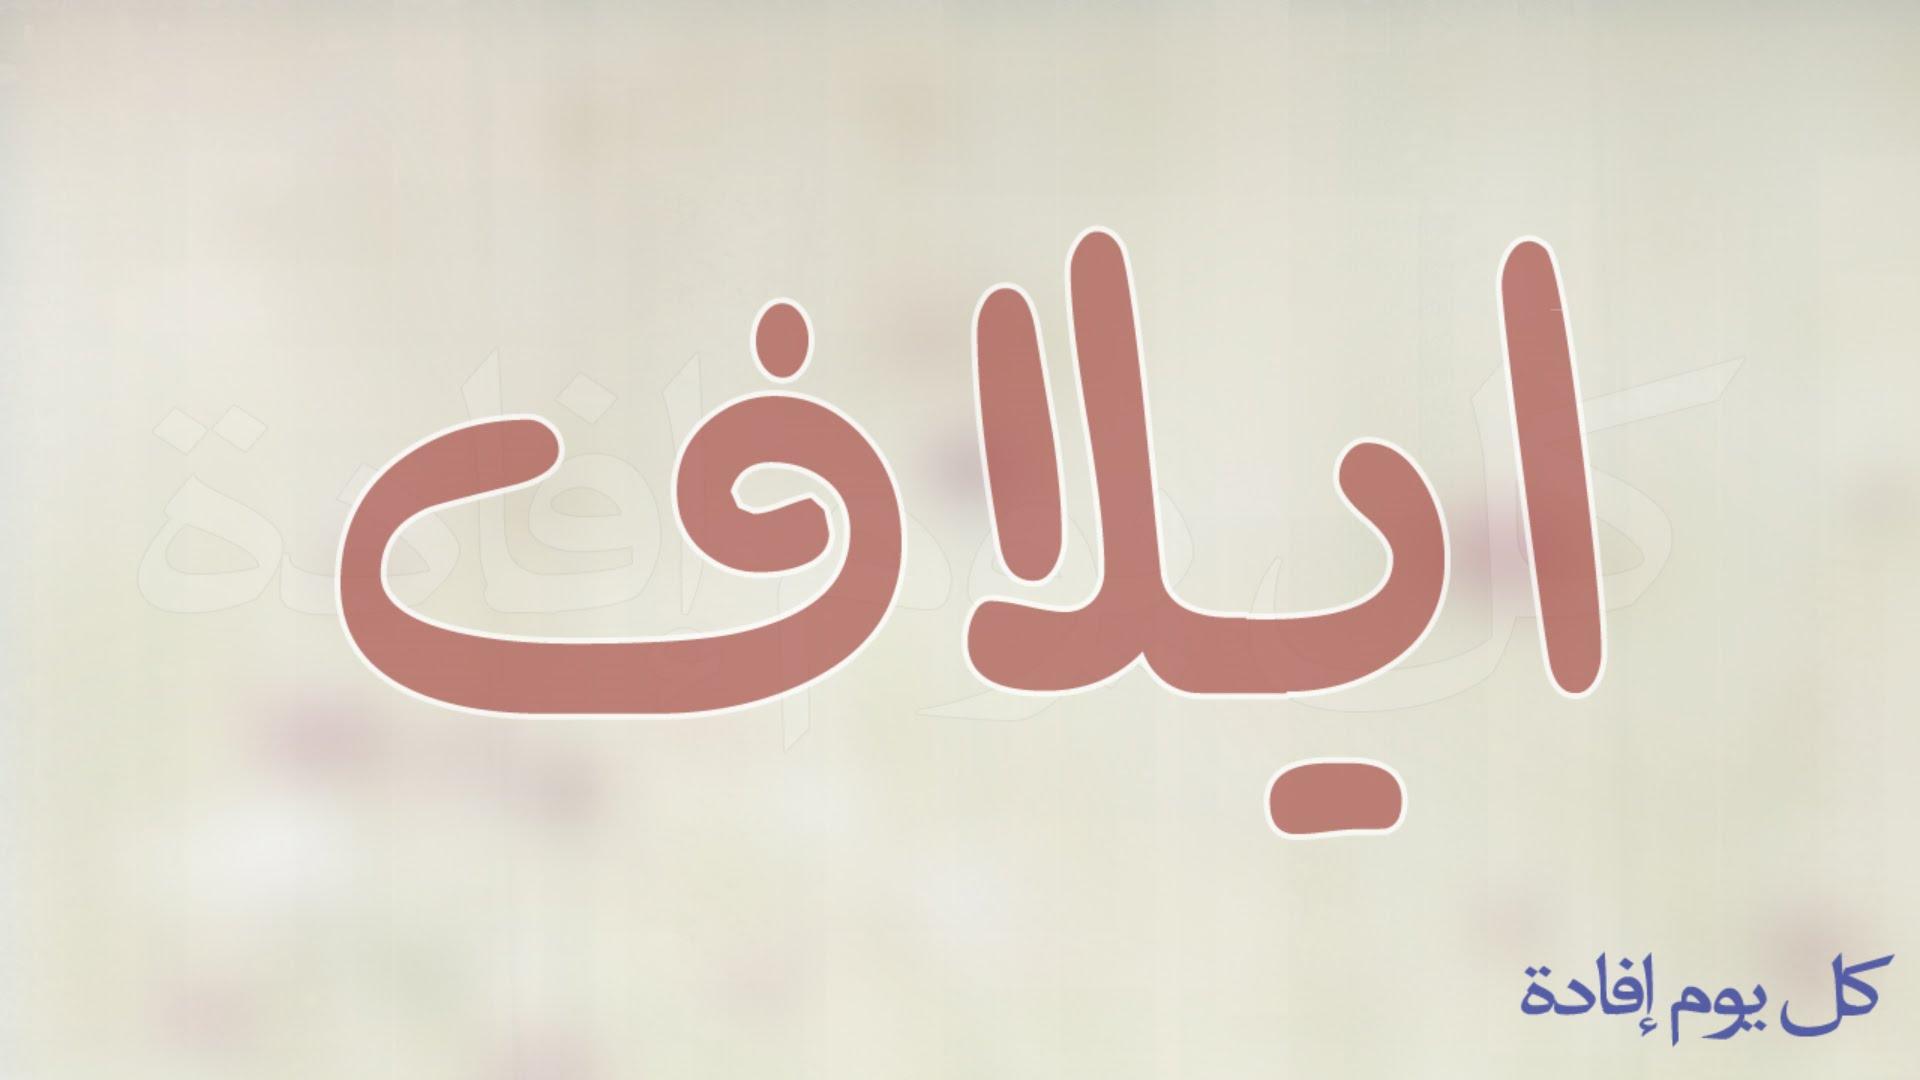 بالصور اسماء اولاد حلوه , صور اسماء اولاد حلوه 5711 4